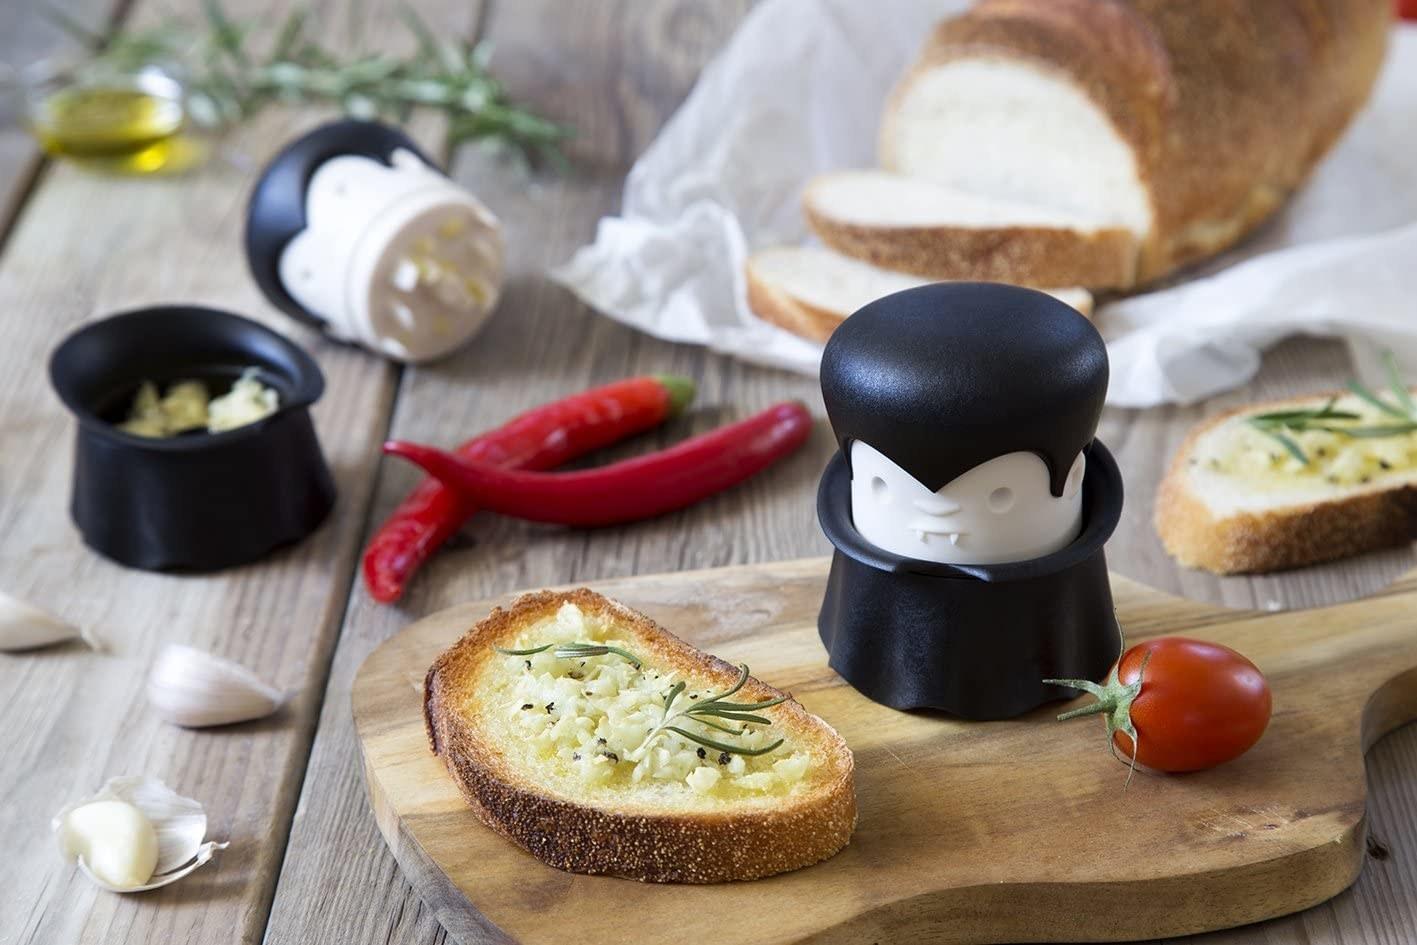 Gracula garlic chopper next to a piece of garlic bread